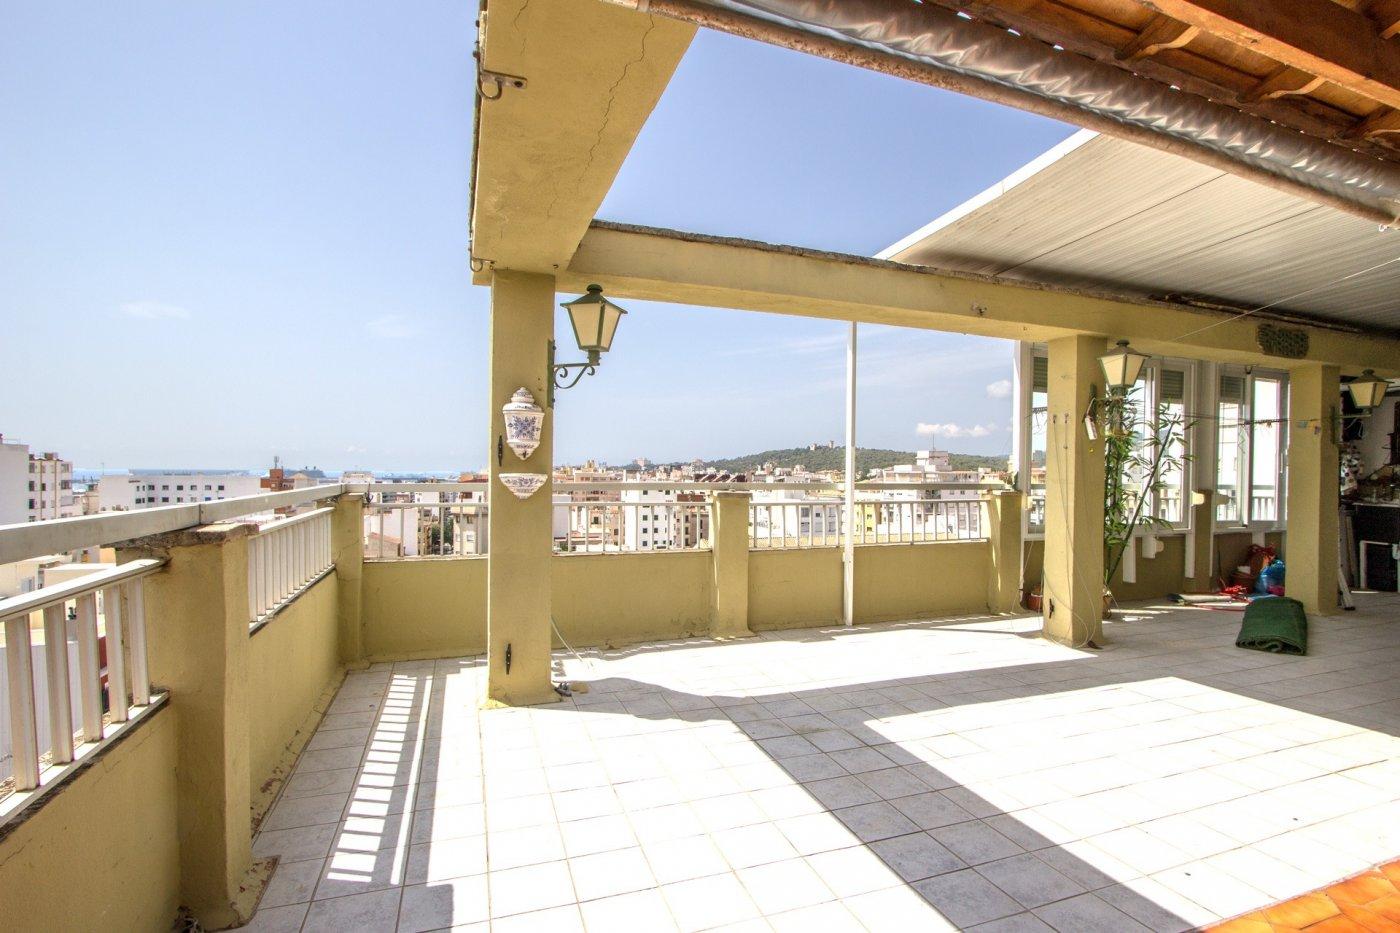 Ático-Venta-Palma de Mallorca-211014-Foto-6